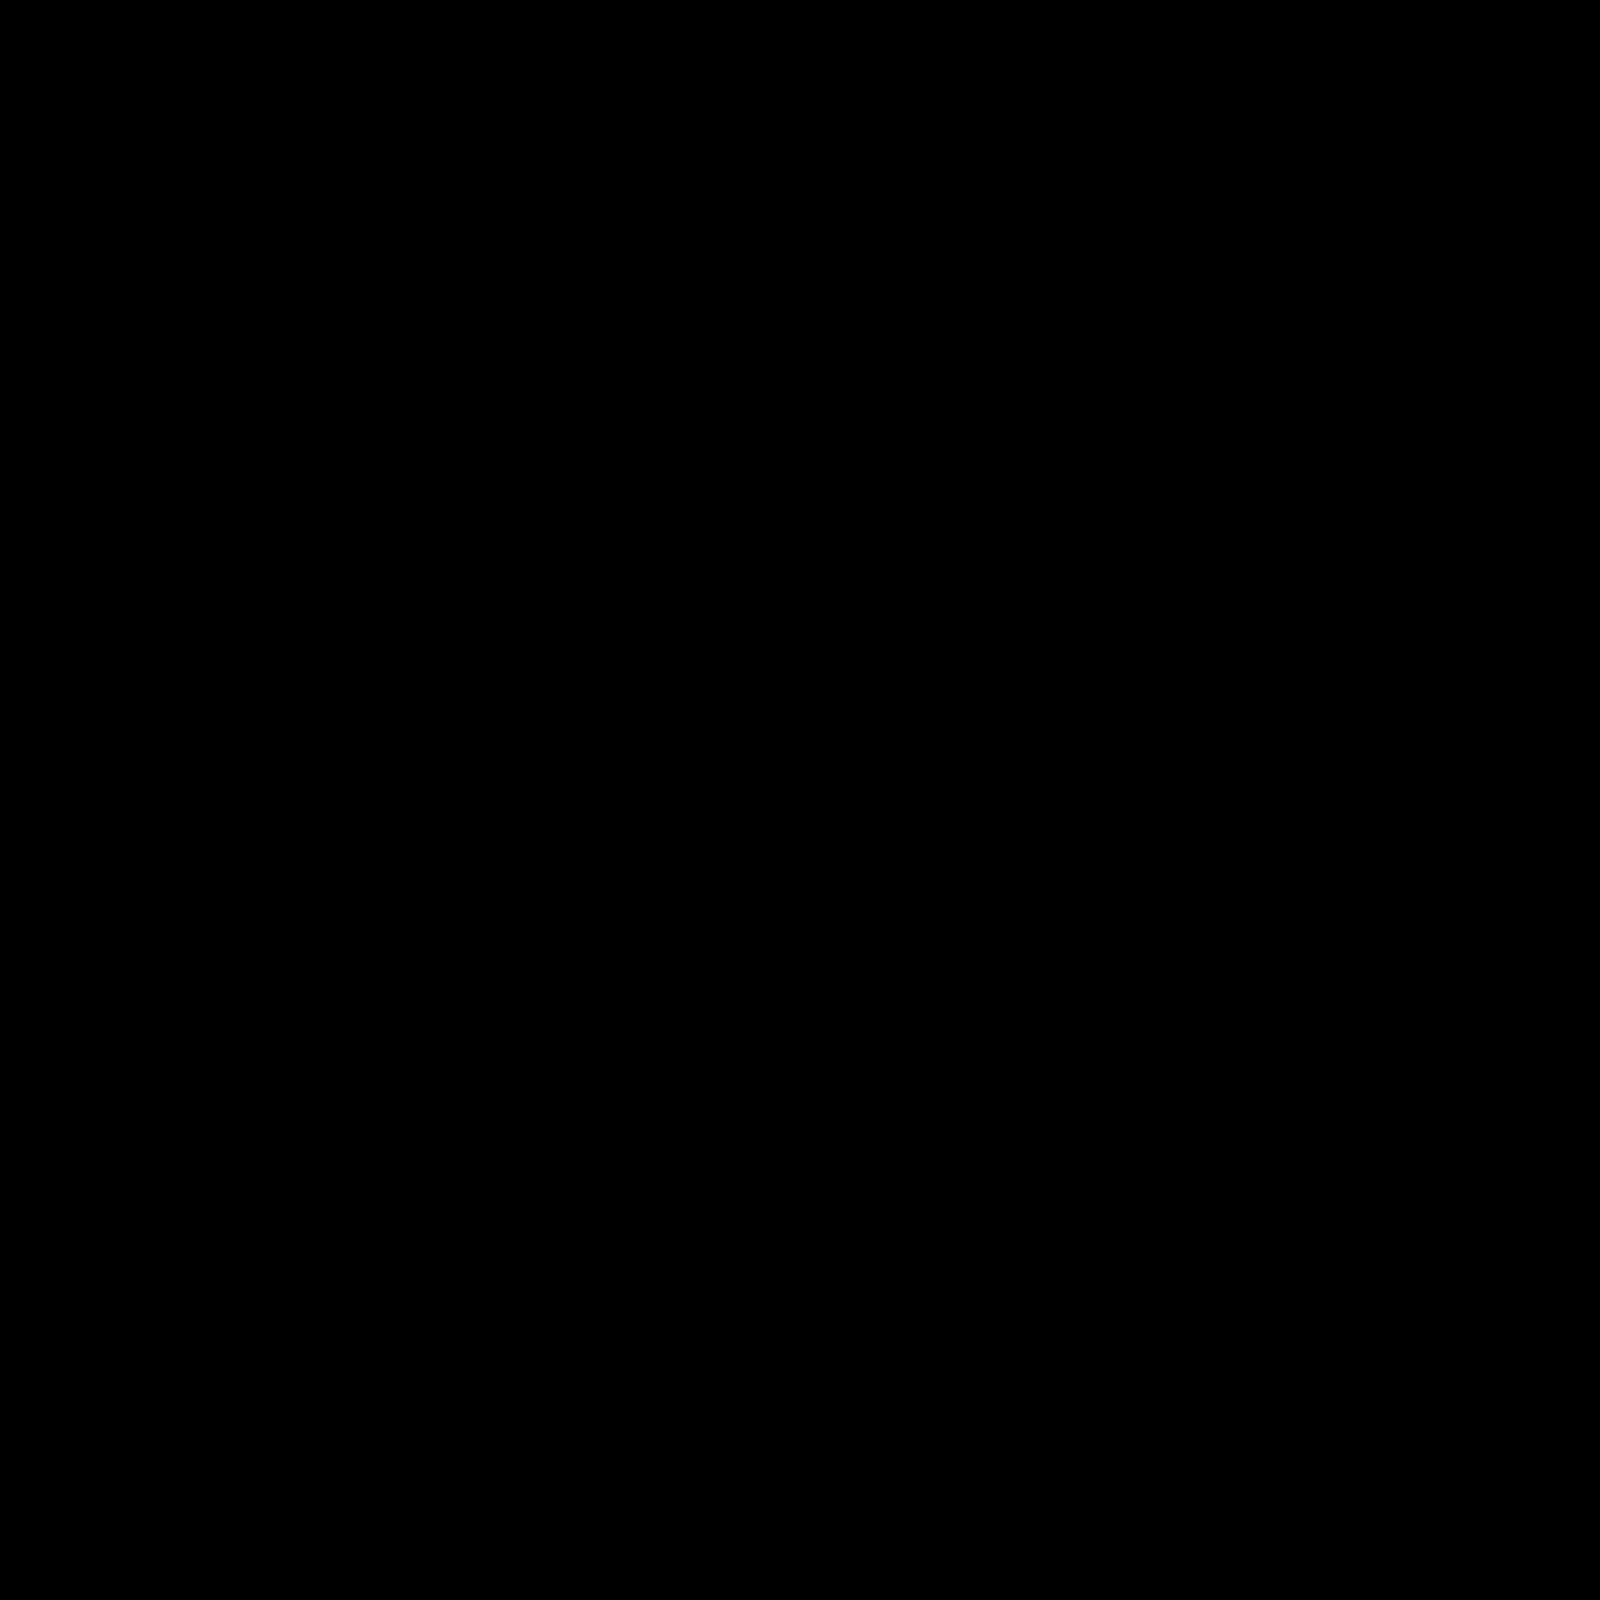 Ciclismo em Pista icon